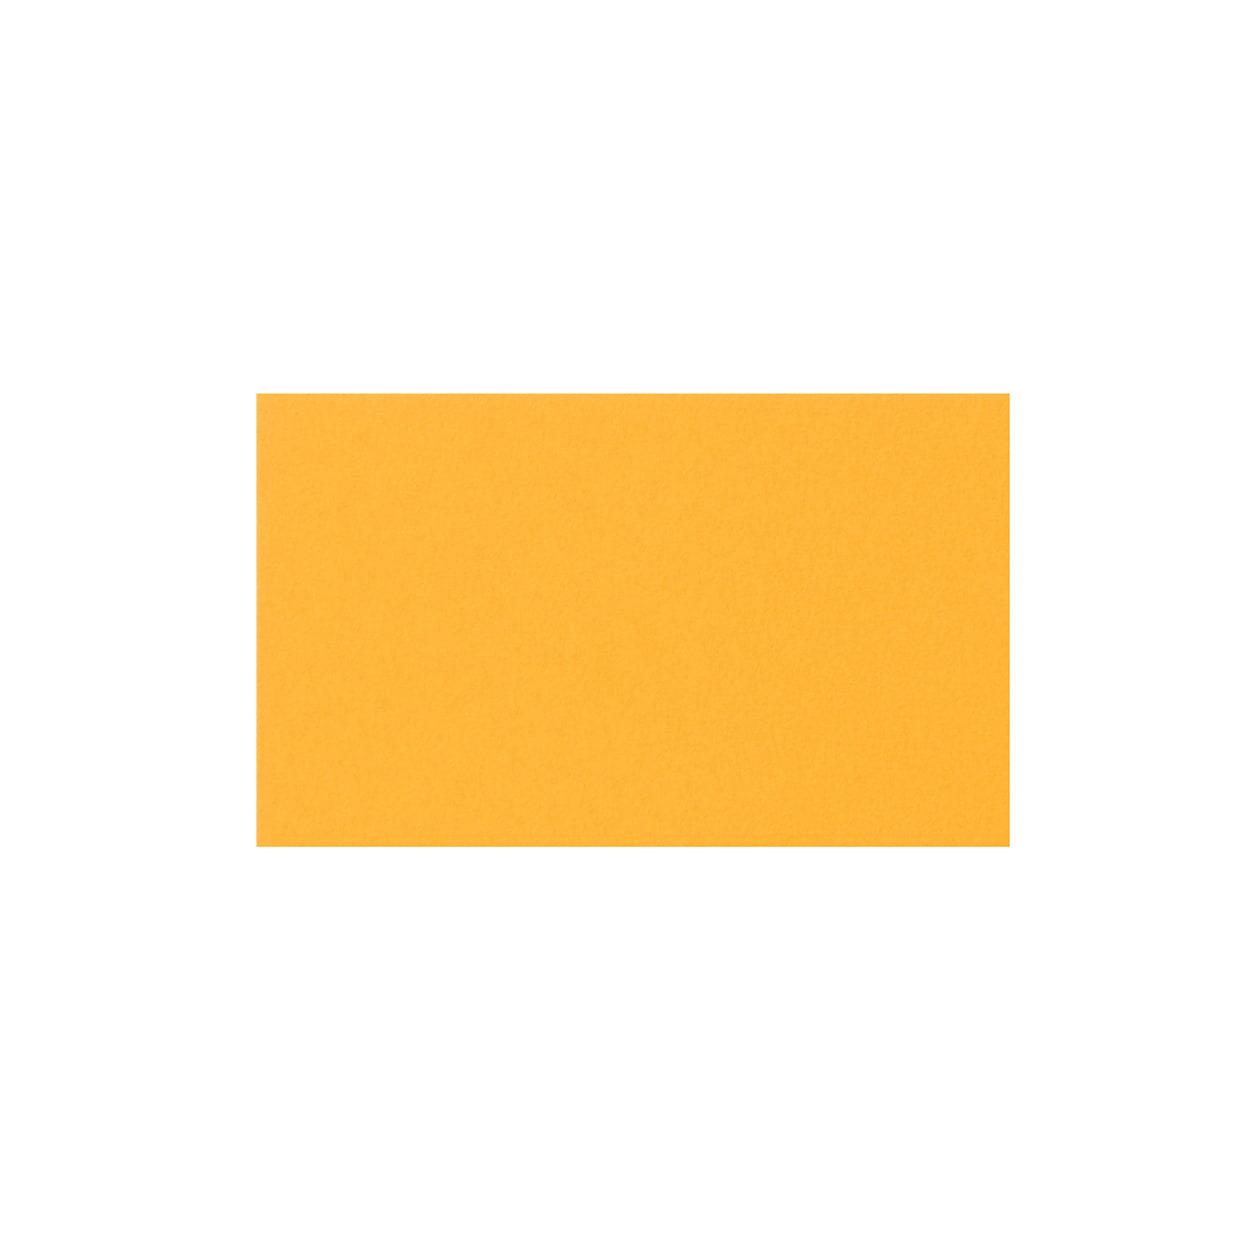 ネームカード コットン(NTラシャ) 山吹 151.2g